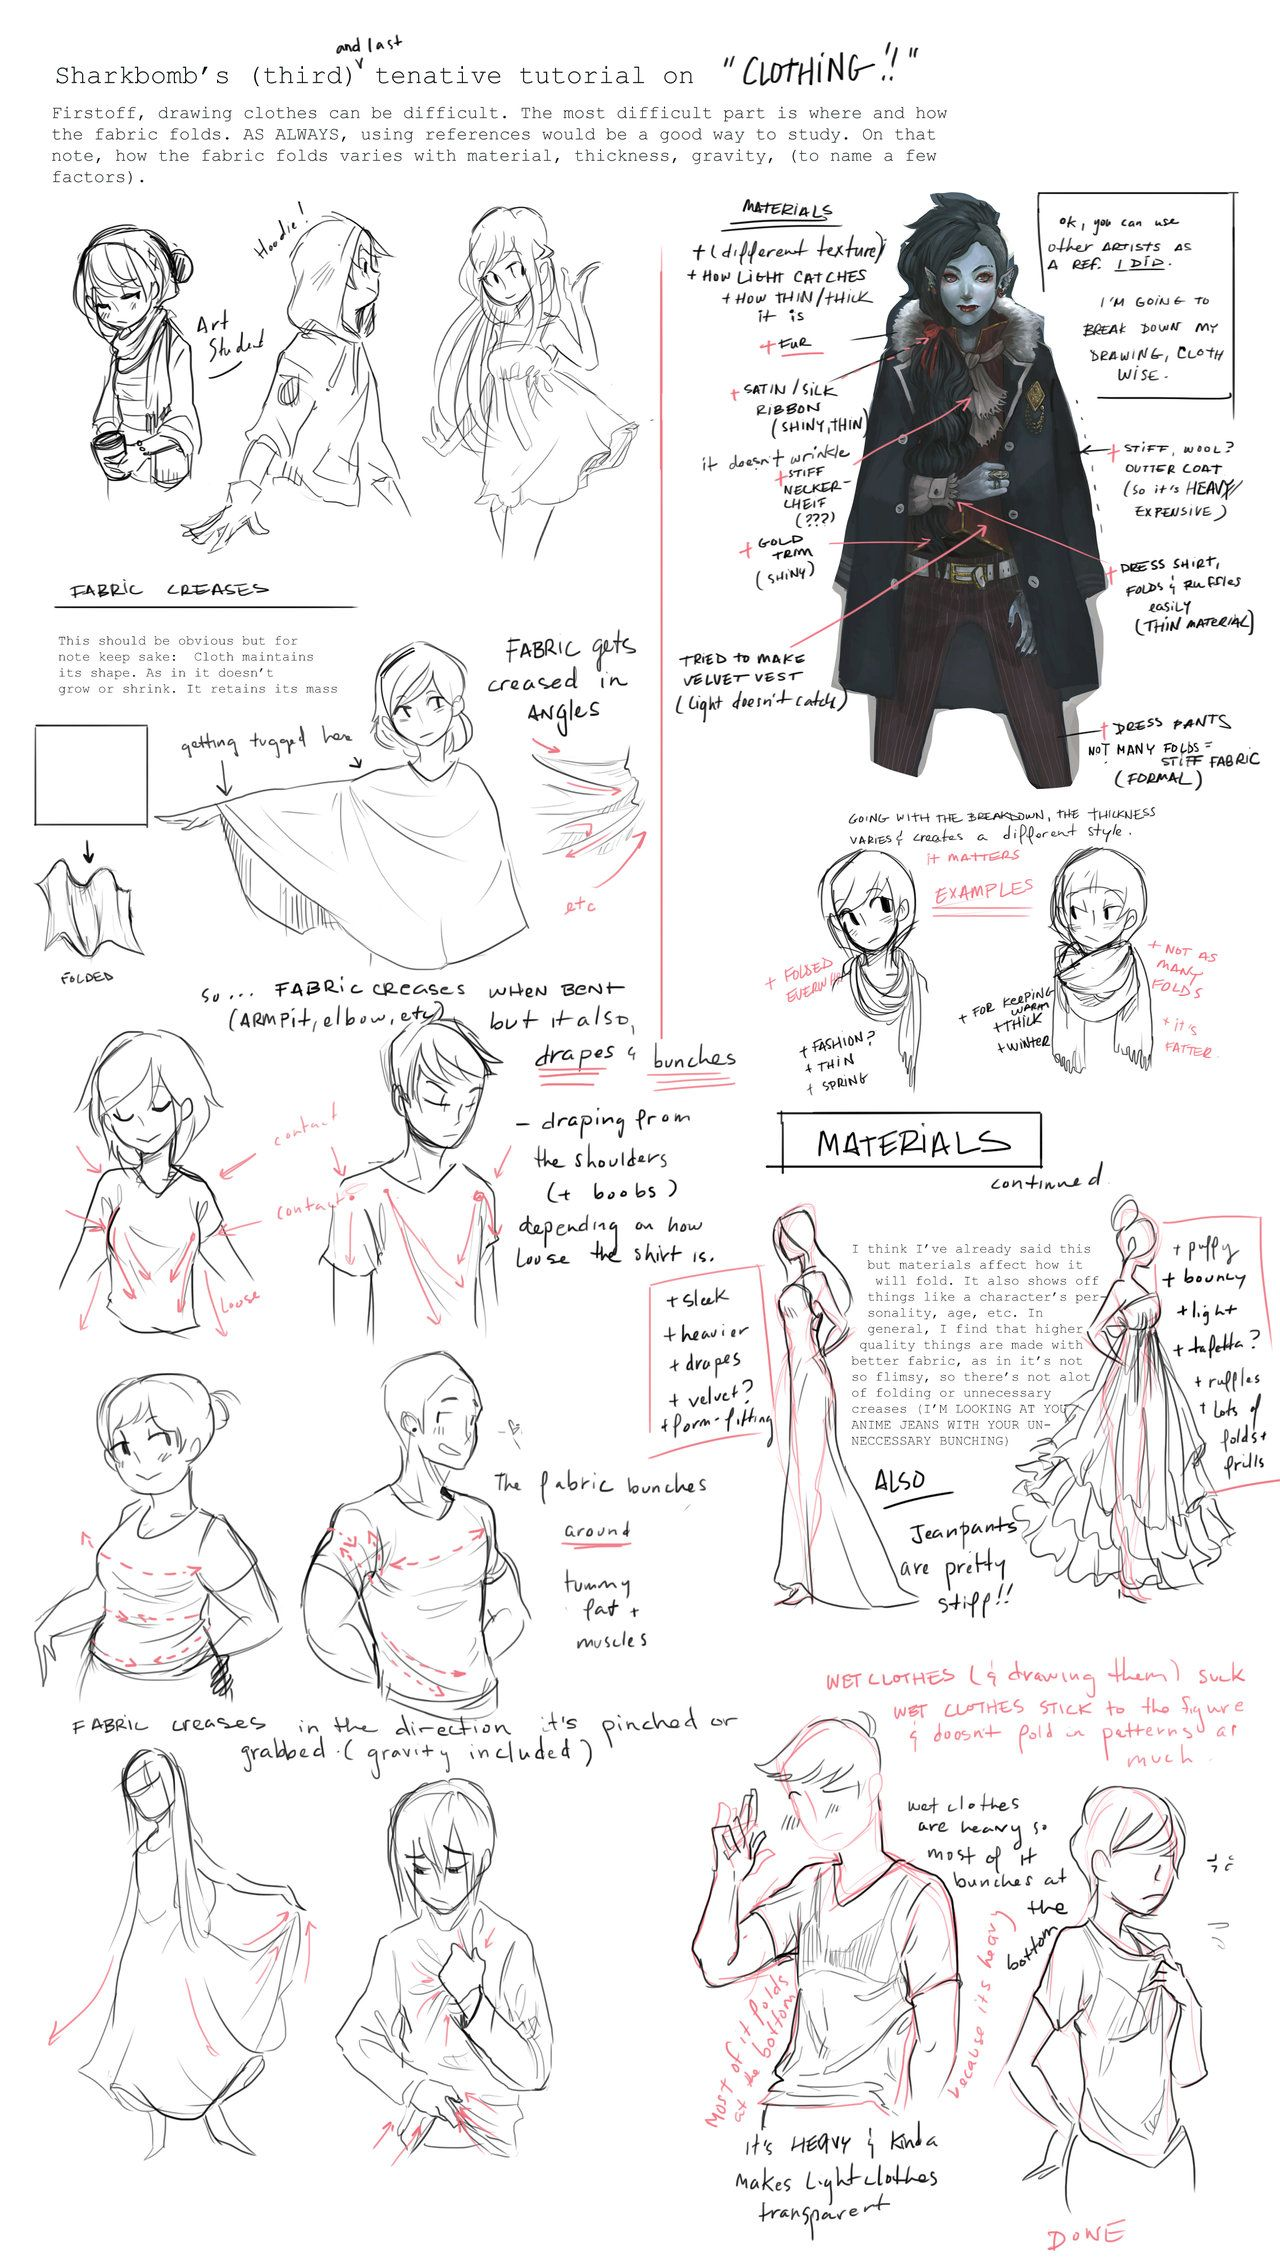 Clothing Tutorial (Notes) by shark-bomb deviantart com on